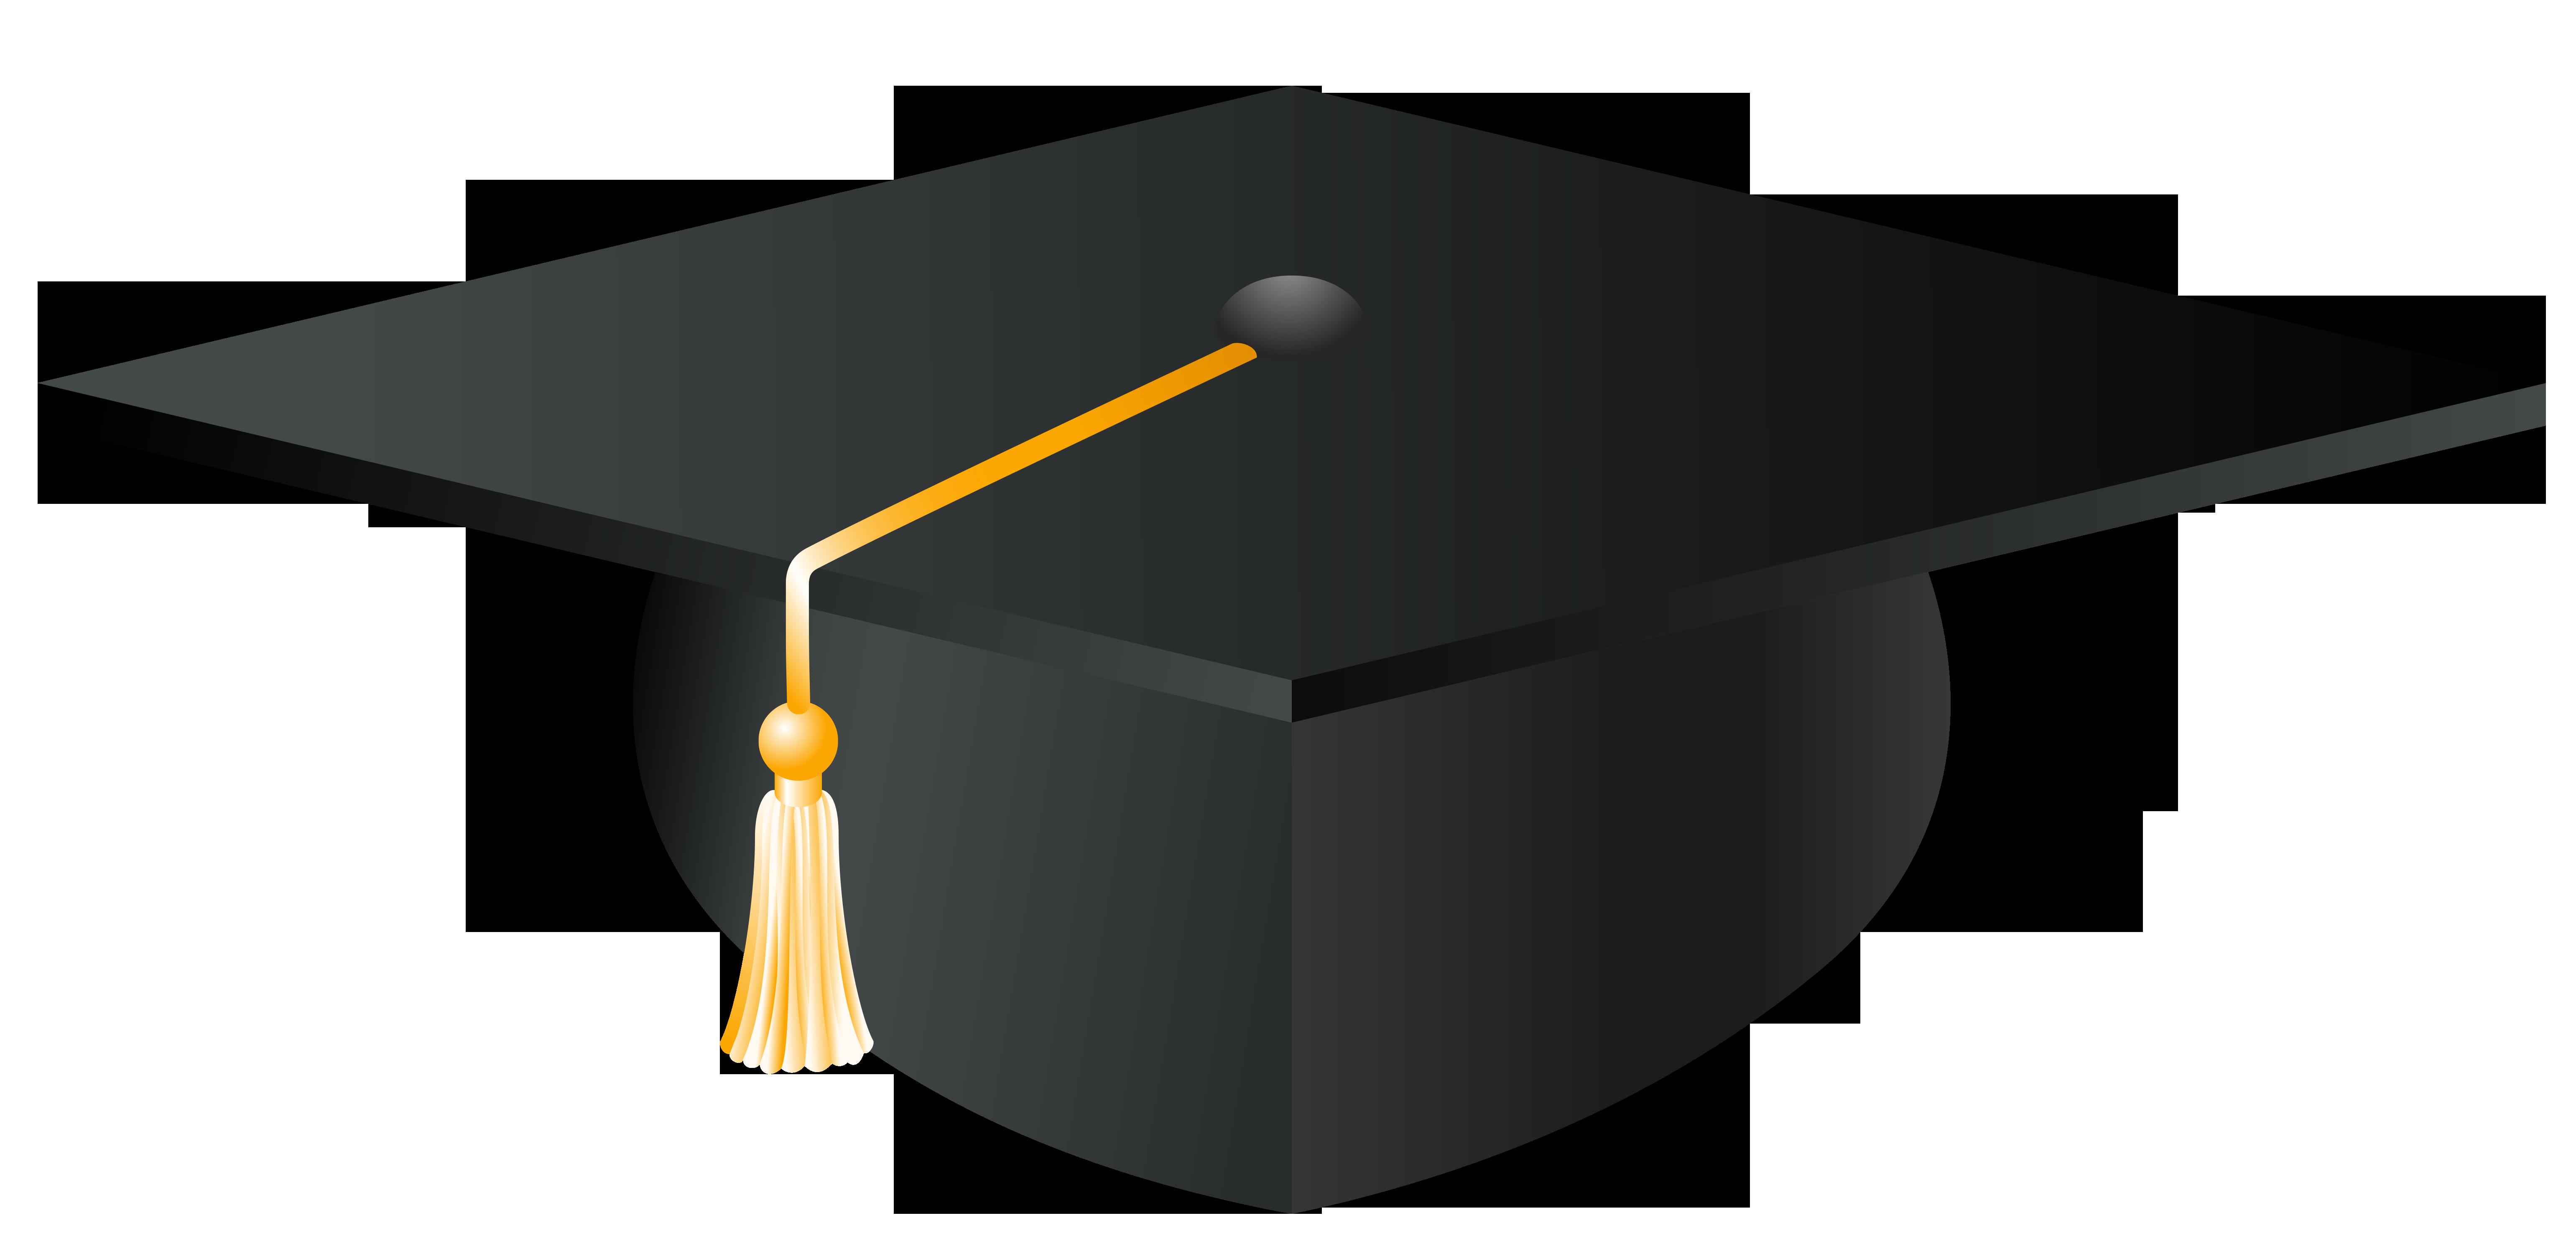 6162x3011 Clip Art Graduation Cap